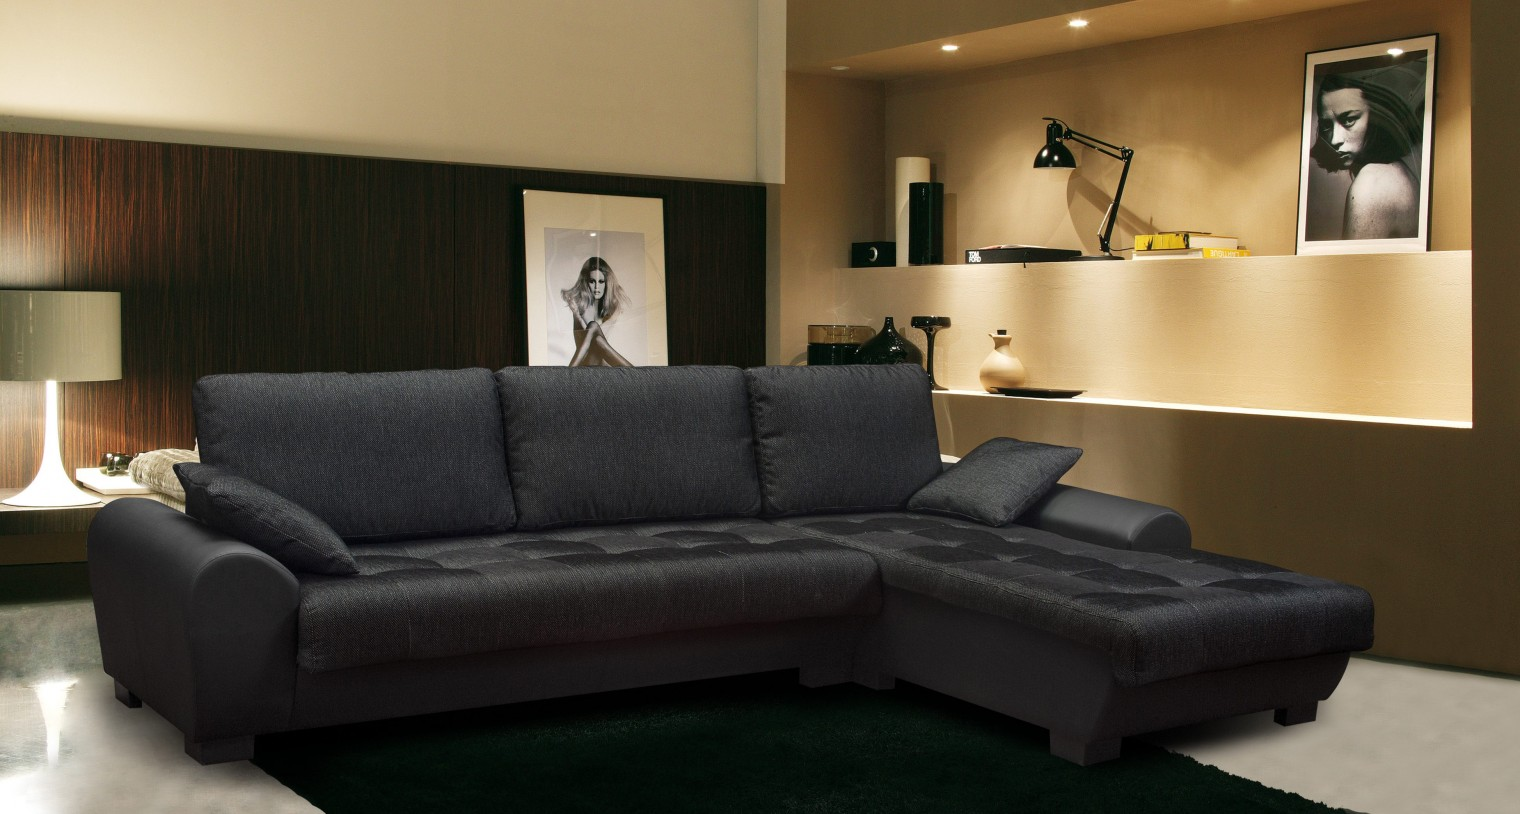 Rohová sedací souprava Yvette - Roh pravý (savana black pvc black)